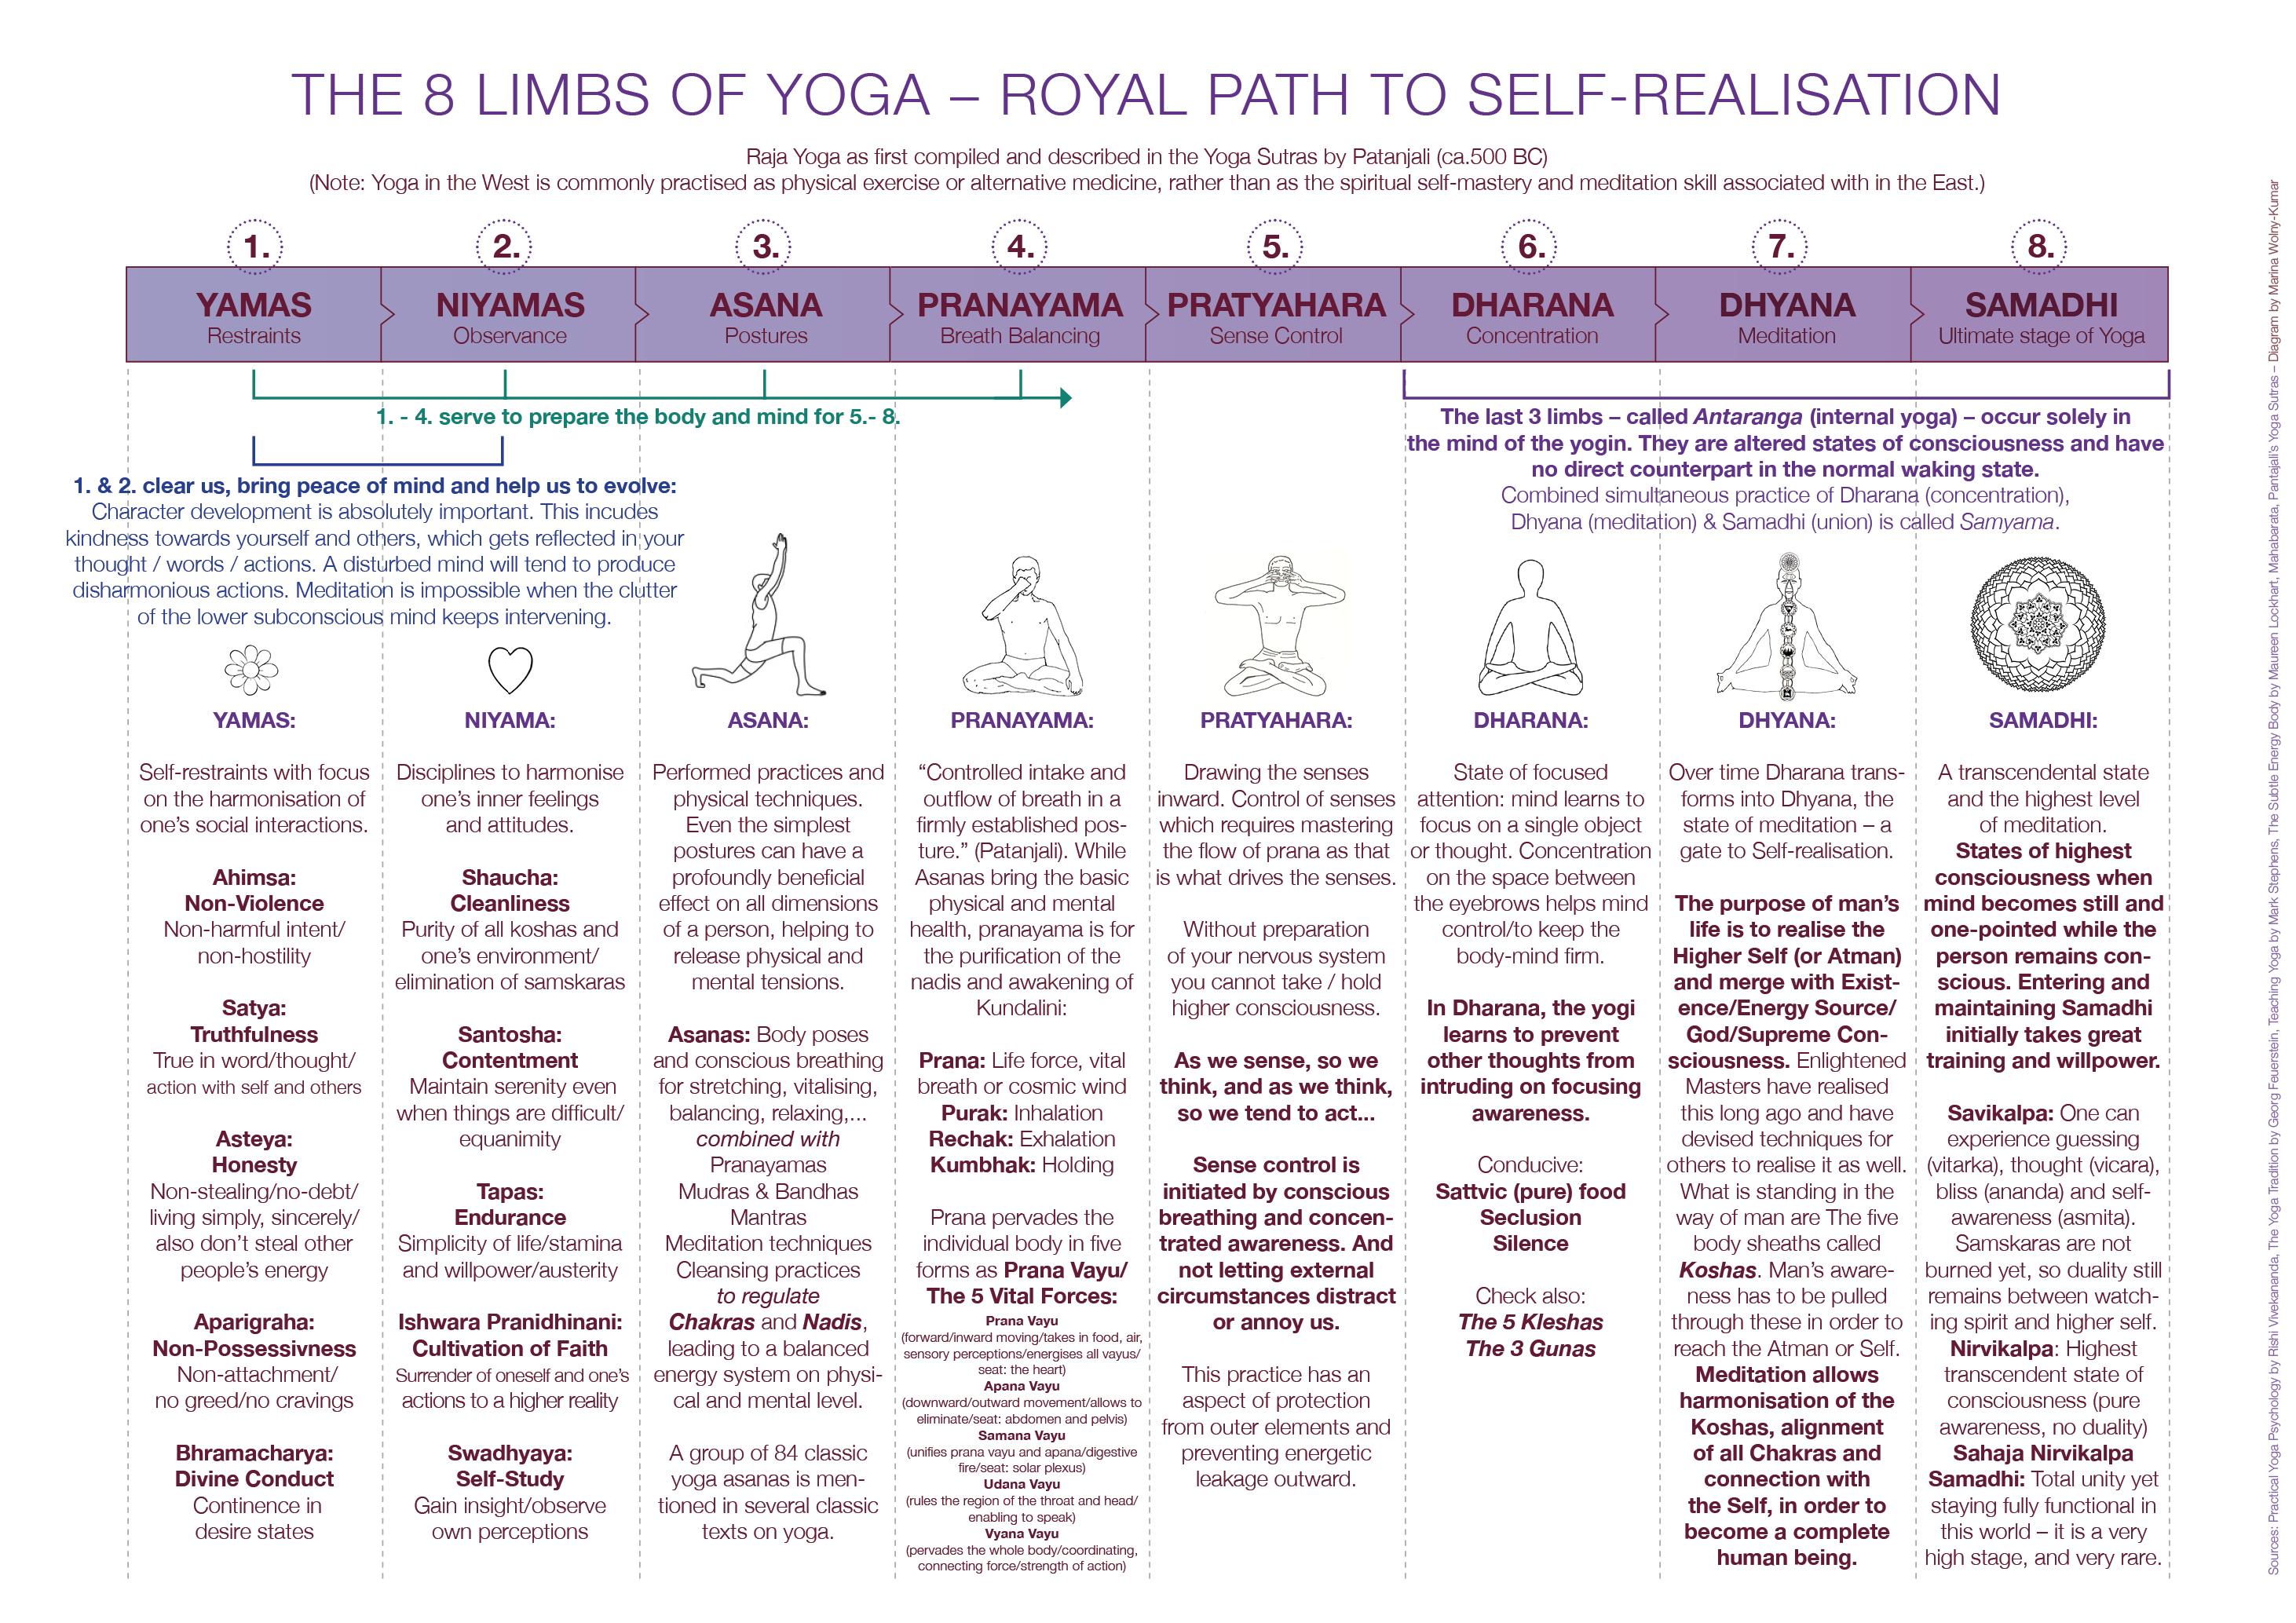 37e6c5e29a A DIVINE SPACE. Yogic Energy Practice & Consciousness Cultivation